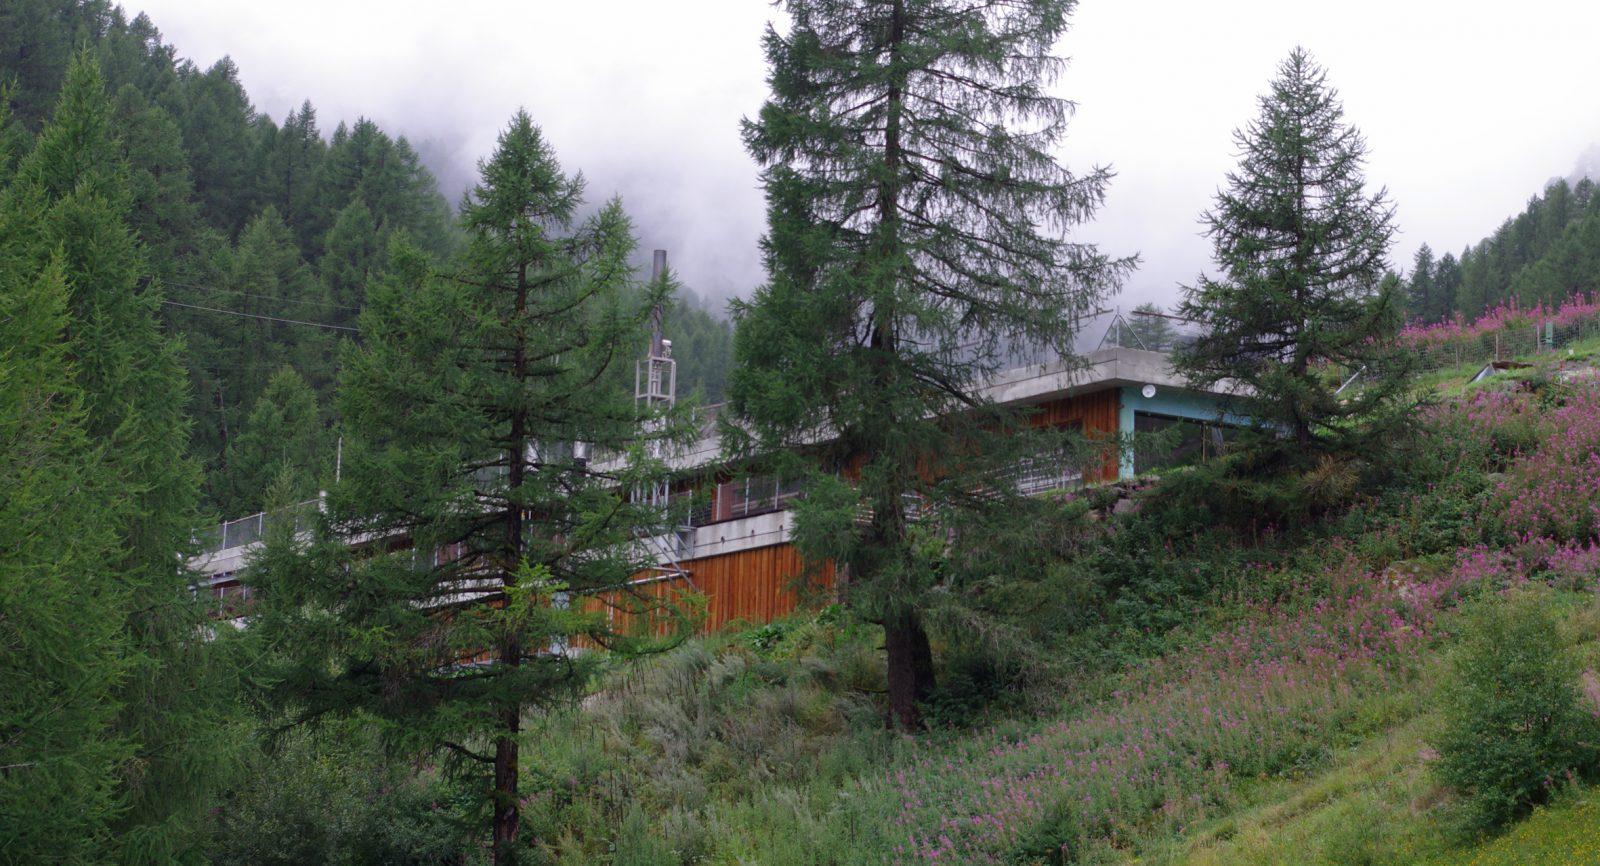 Fermenter, Nachgärer, Endlager und Gas-Ballon wurden in einem separaten Anbau integriert und erfüllen damit die hohen Anforderungen des Tourismusortes Zermatt.